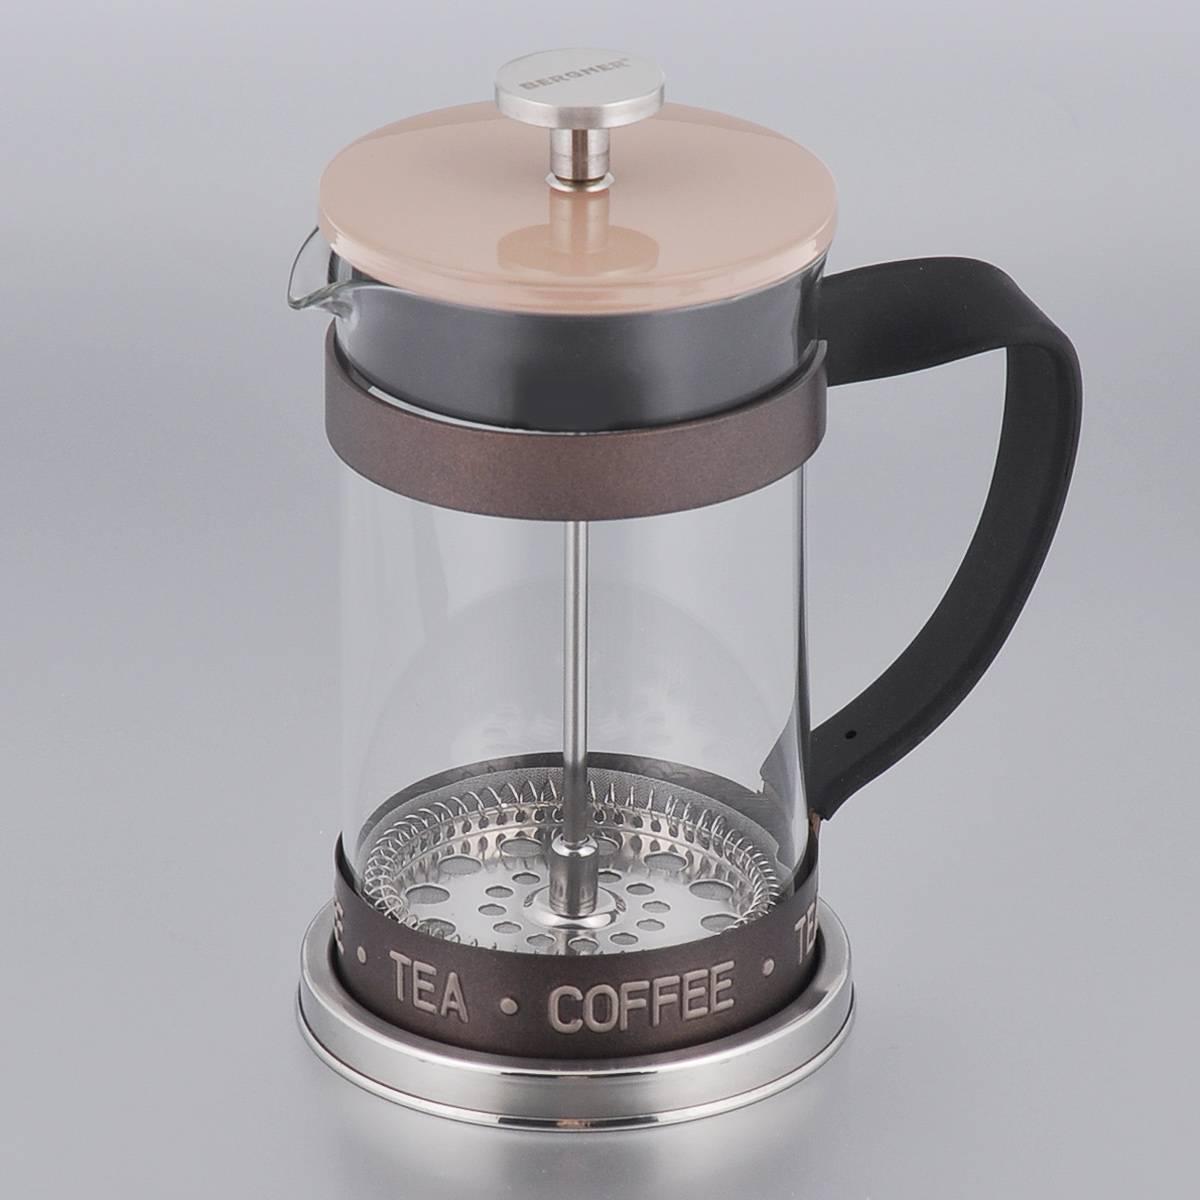 Как заваривать кофе во френч прессе и как его выбрать